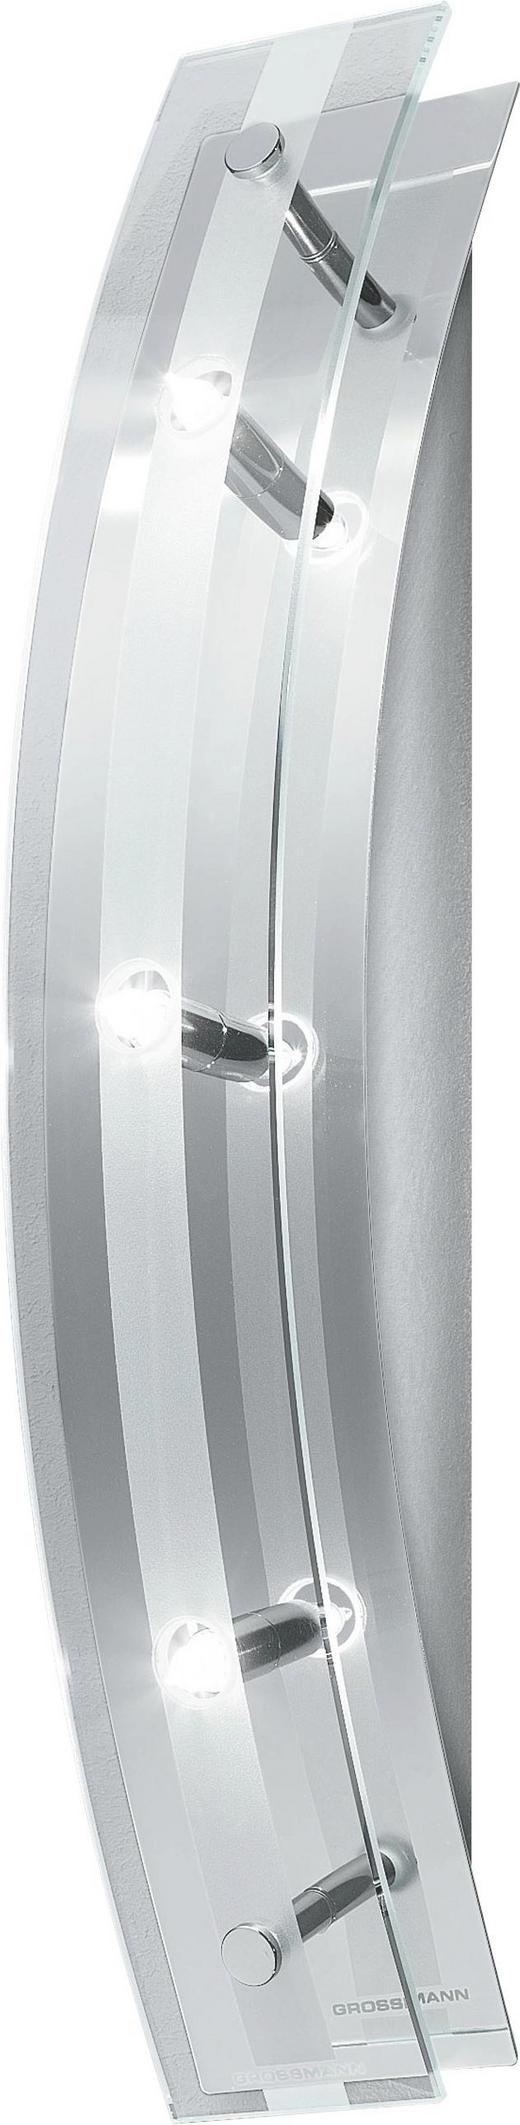 WANDLEUCHTE - KONVENTIONELL, Glas/Metall (40/7/9cm)